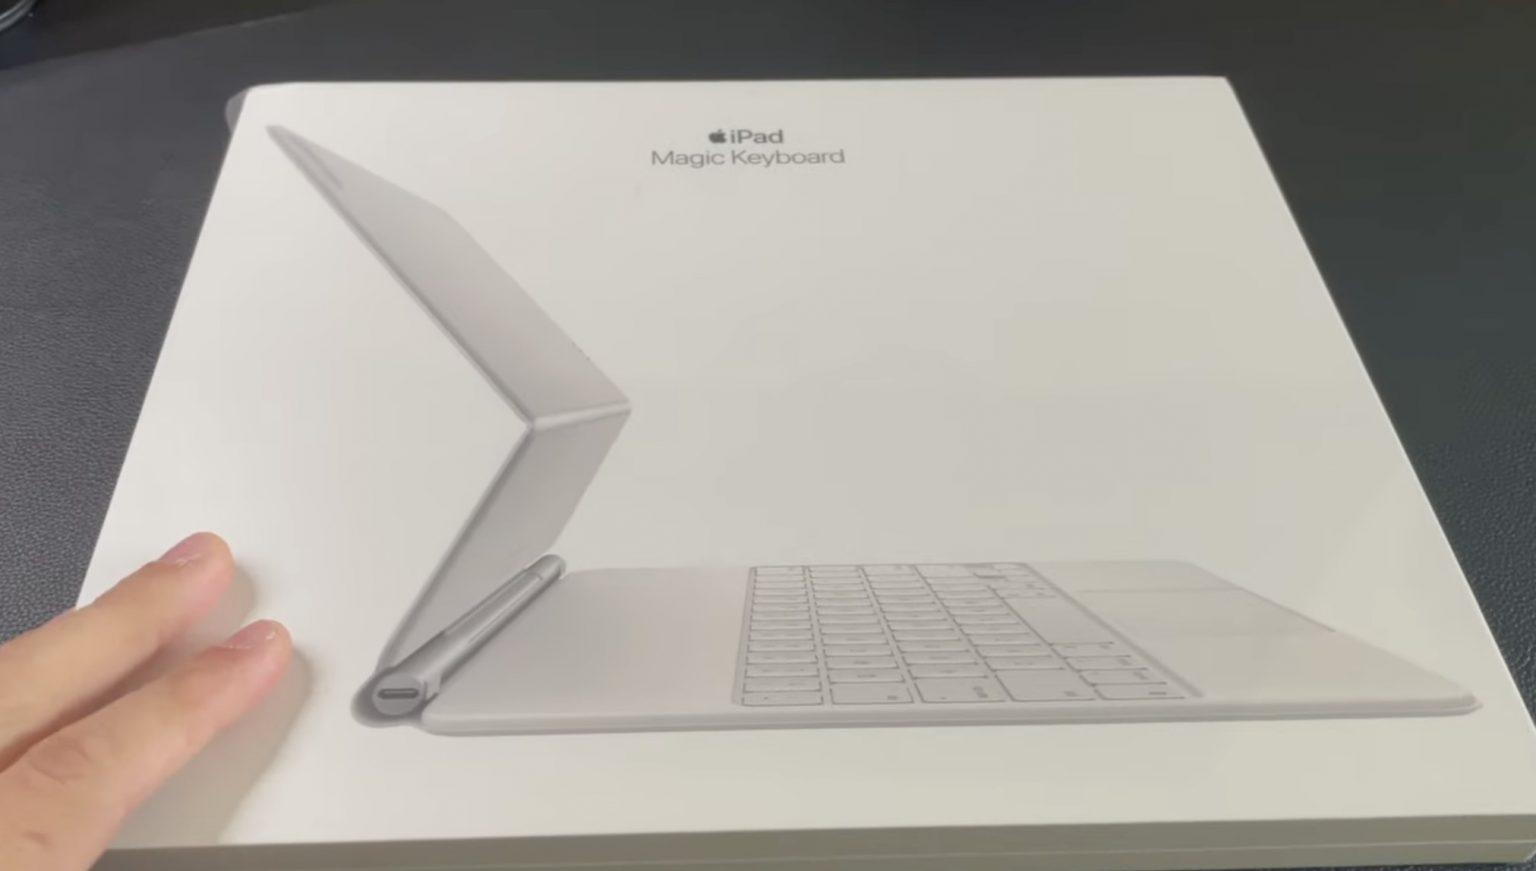 White Magic Keyboard